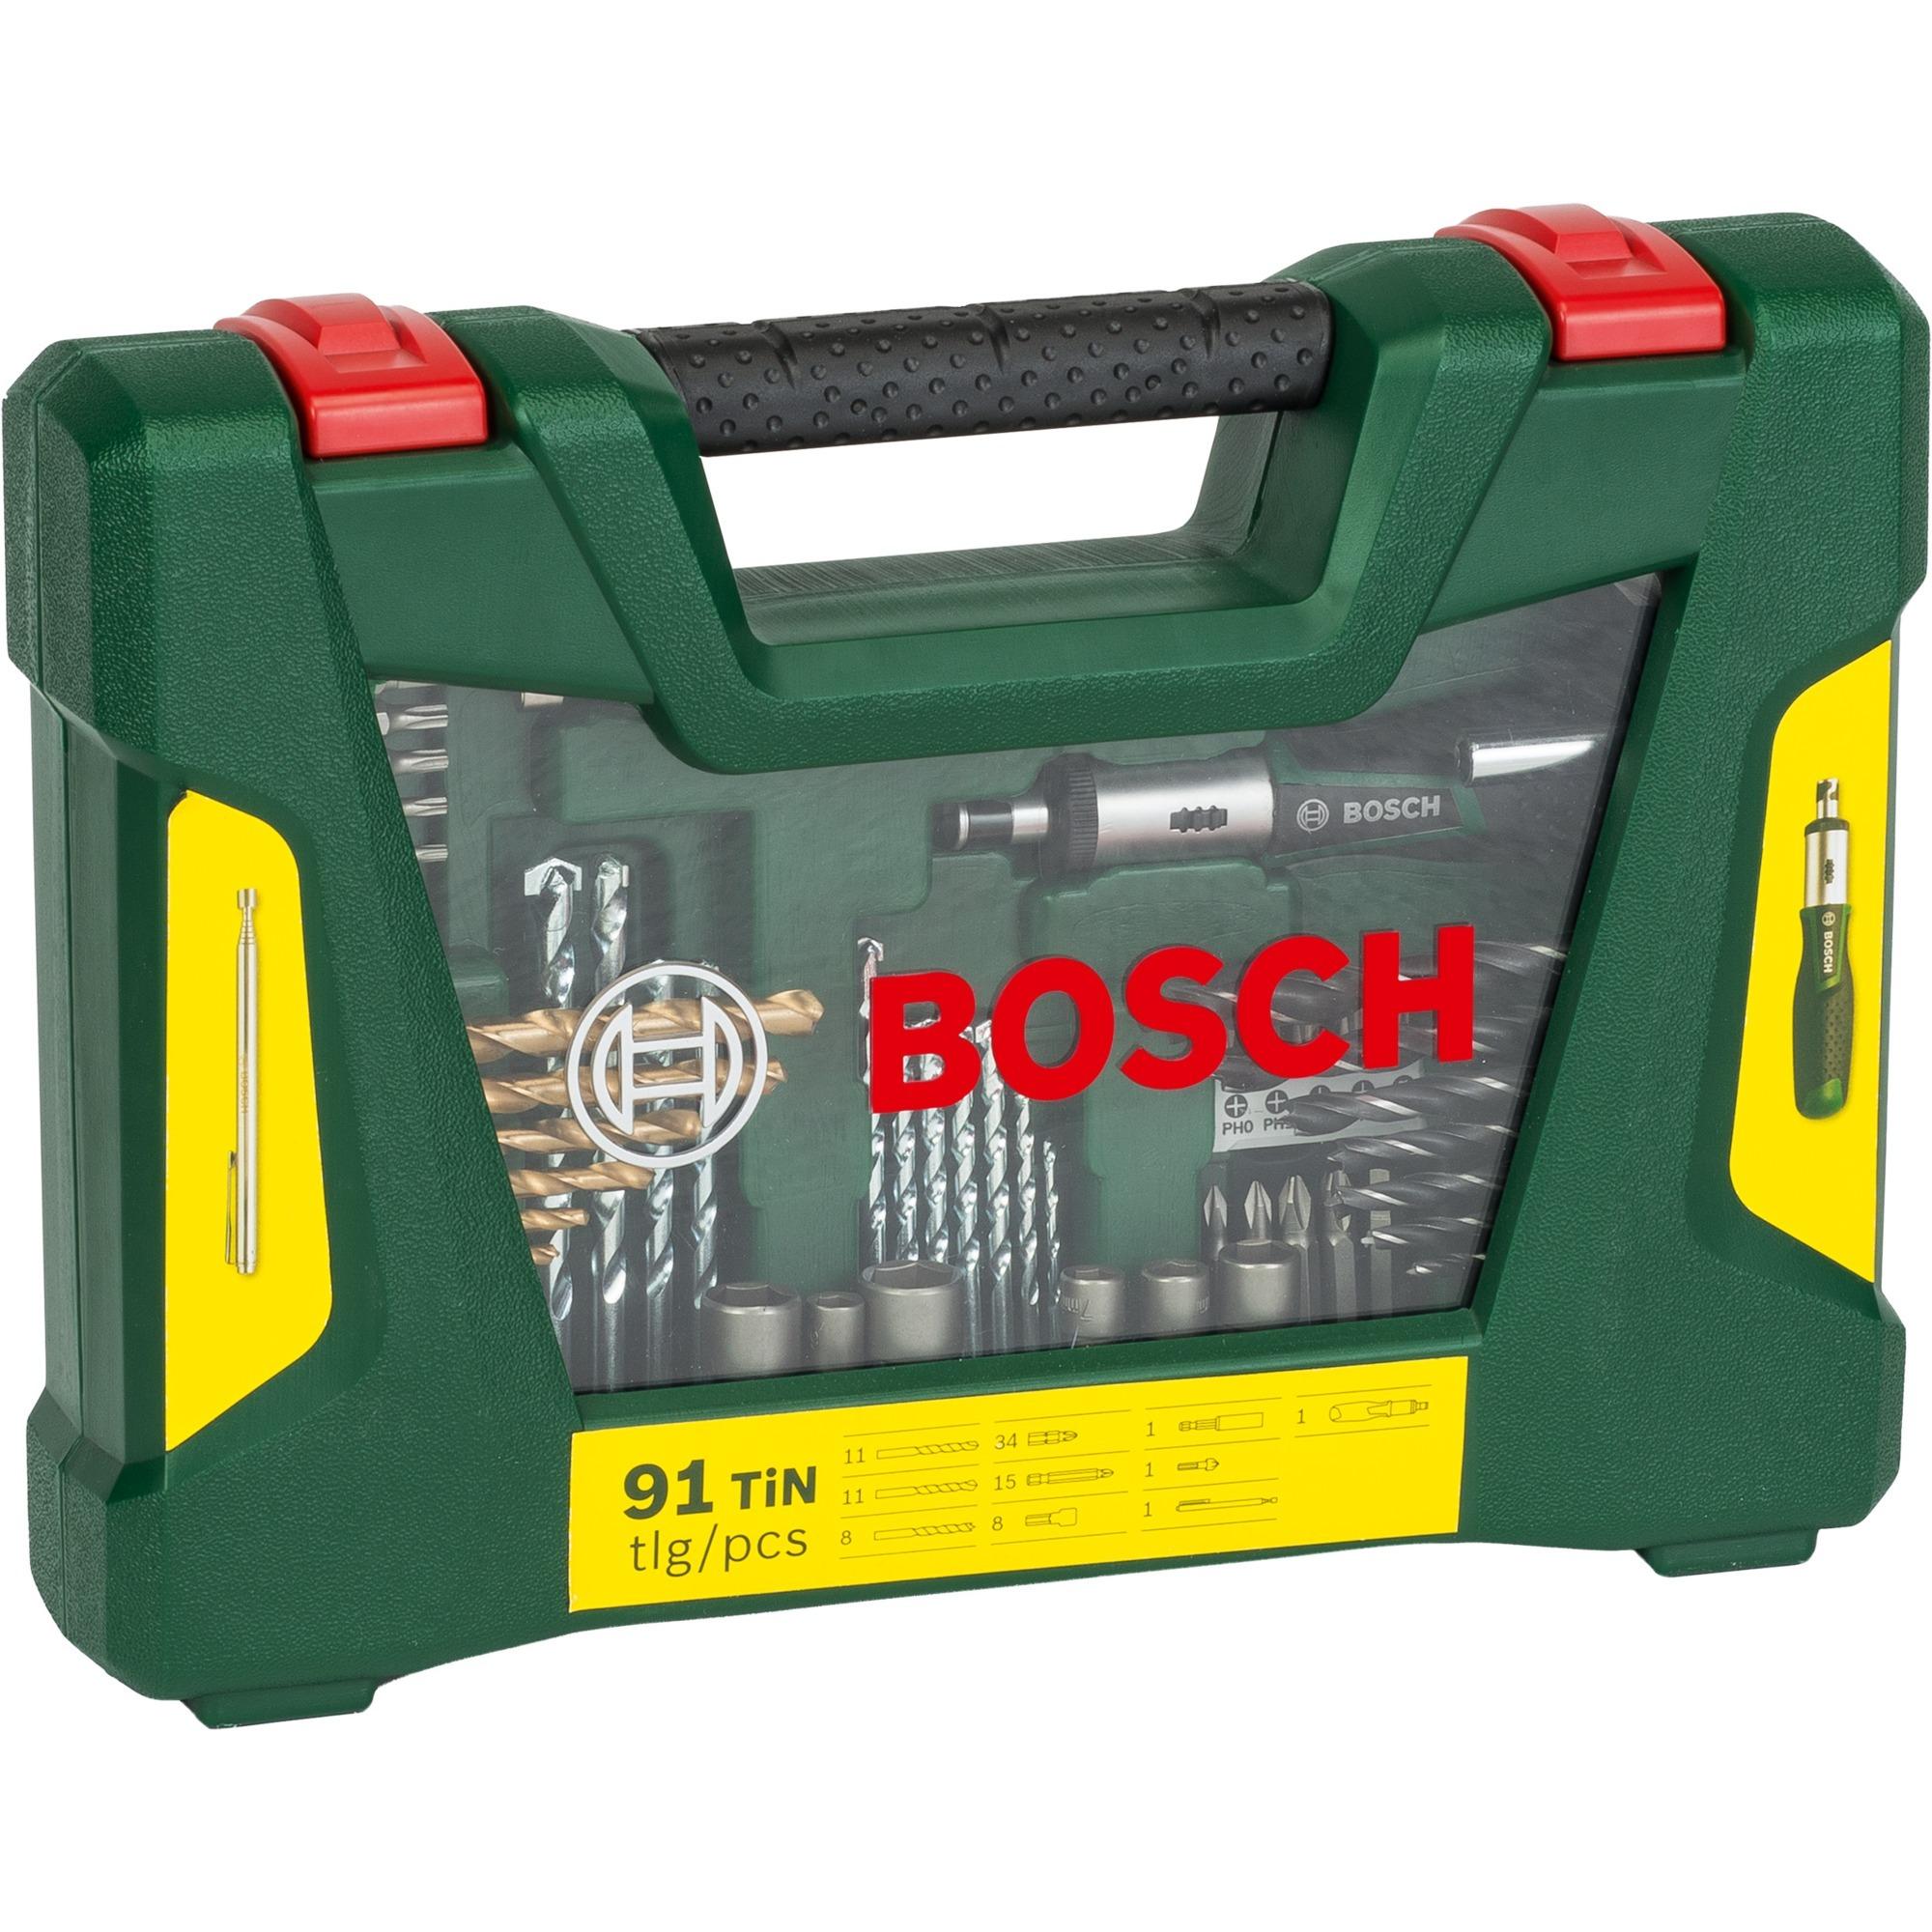 bosch v-line tin bohrer- / bit-set, 91-teilig, bohrer- & bit-satz grün